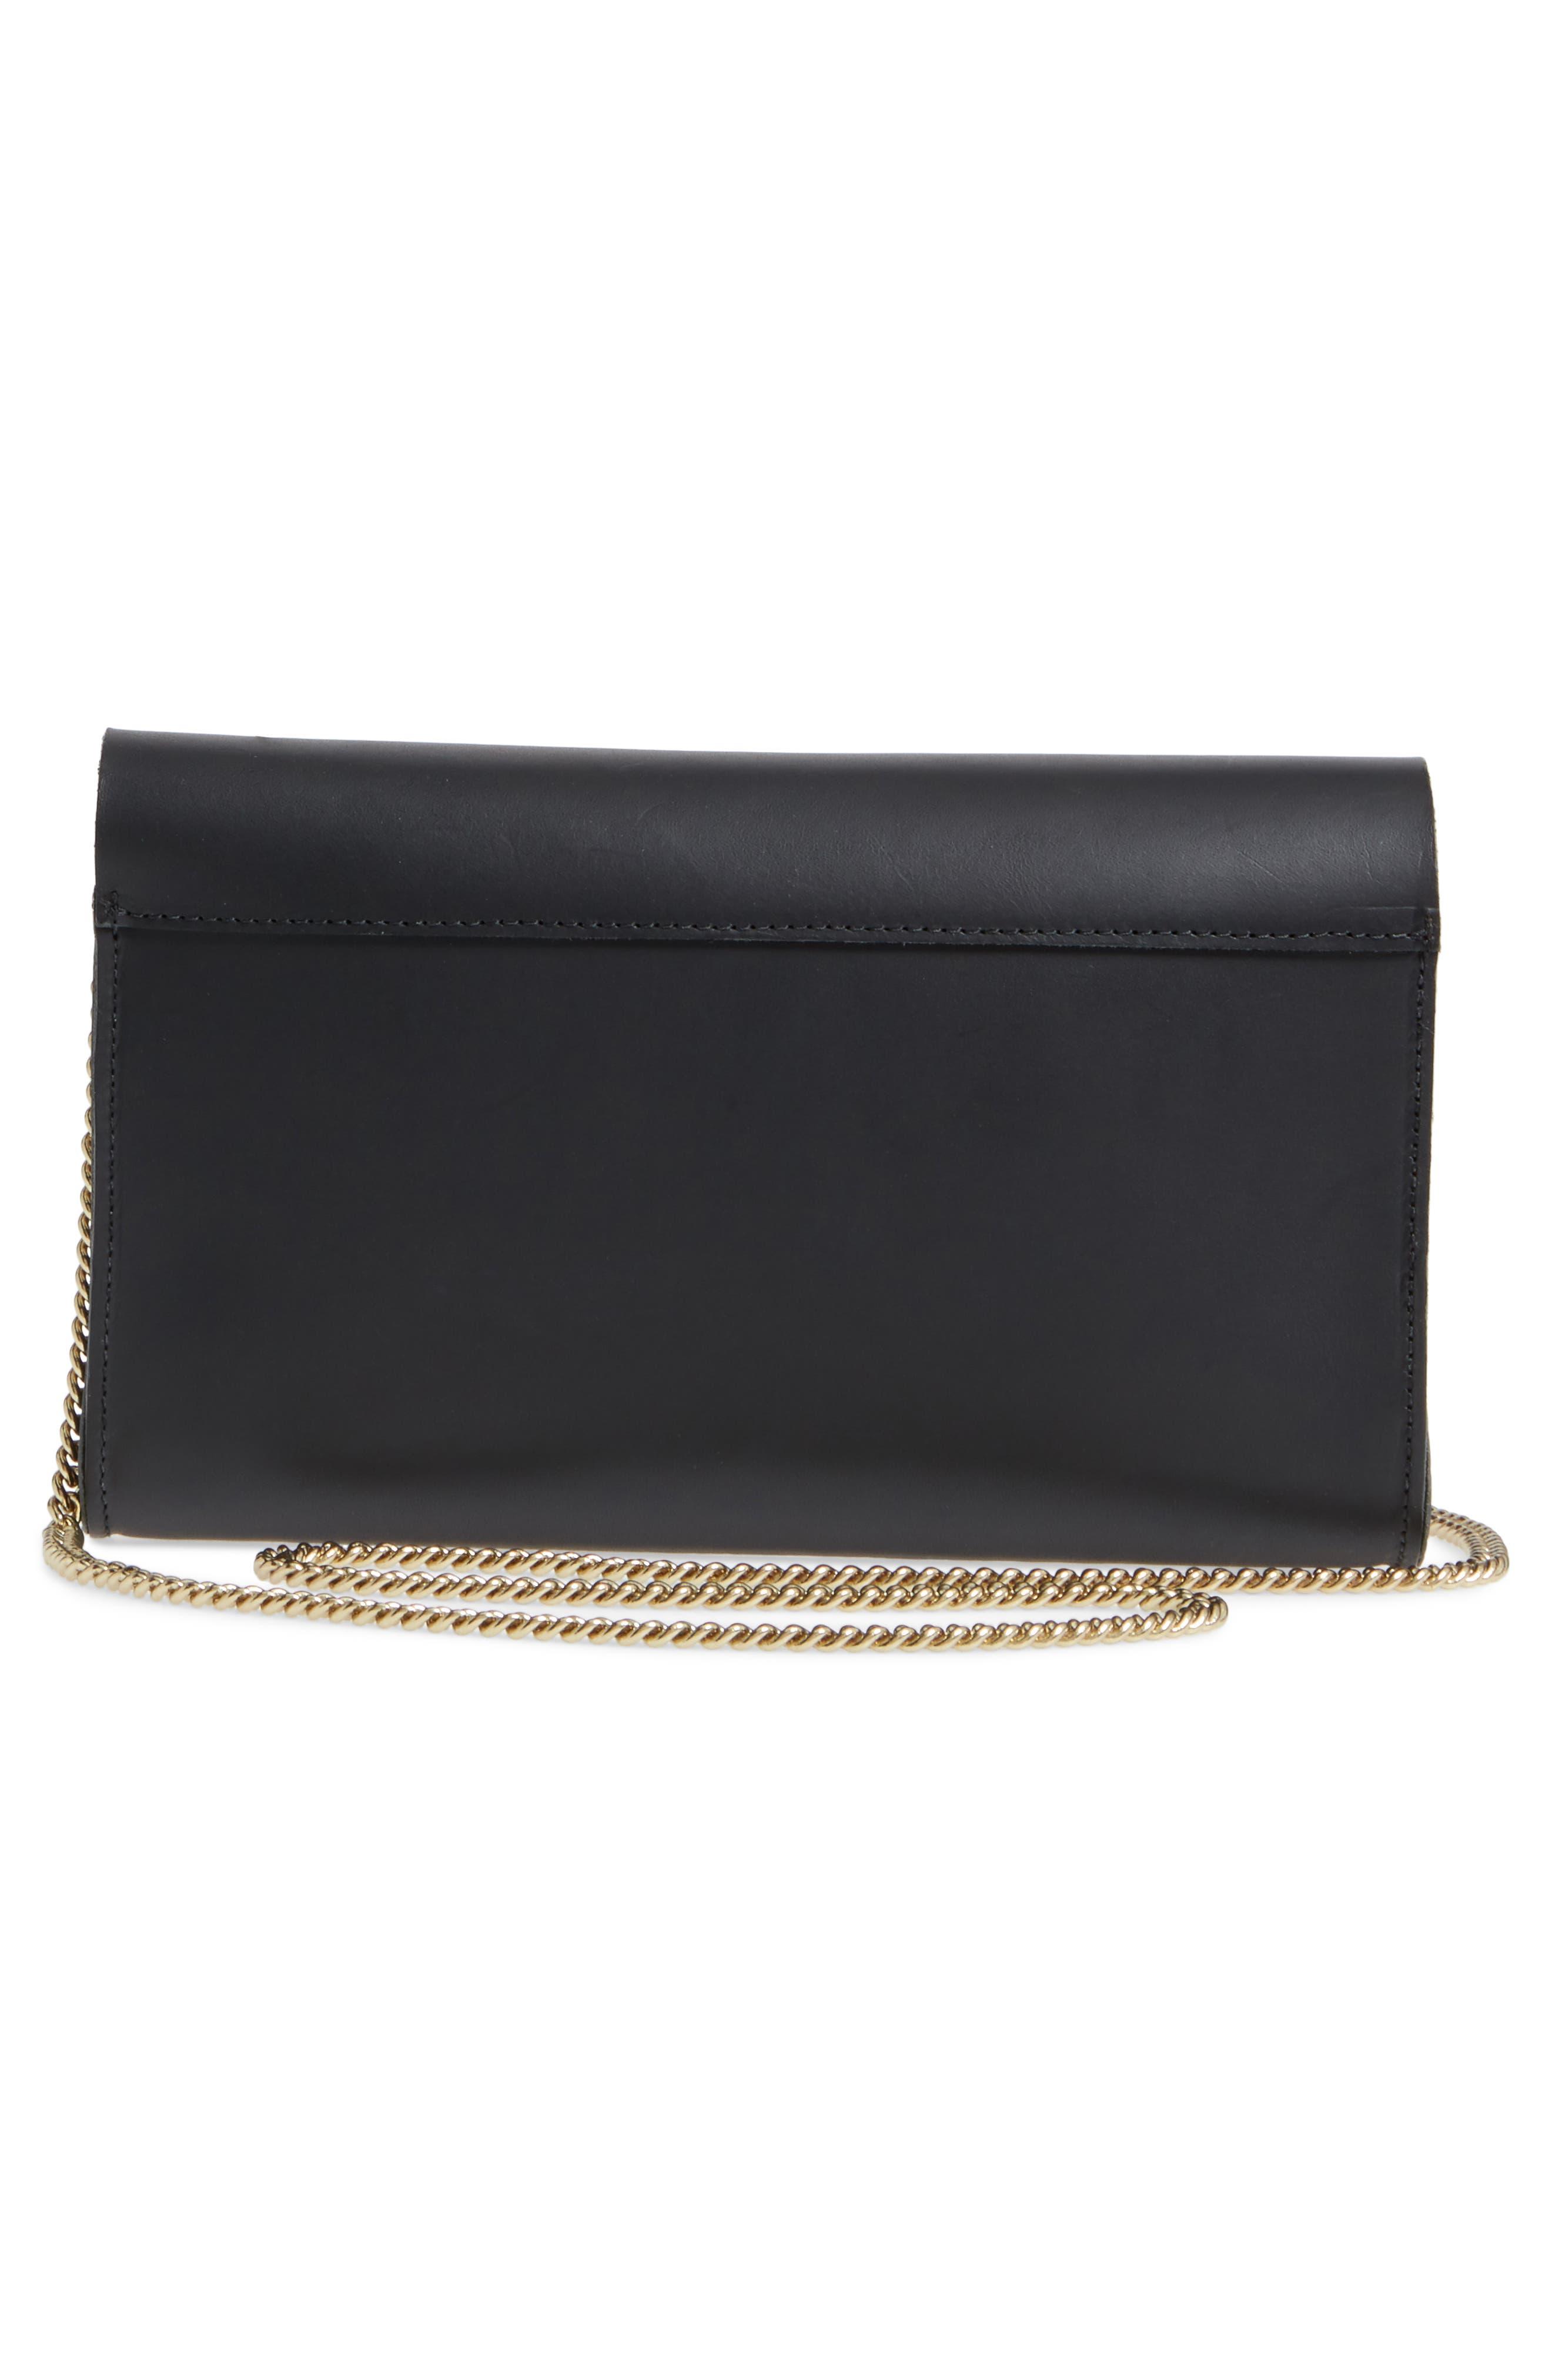 Colette Maison Leather Shoulder Bag,                             Alternate thumbnail 3, color,                             001